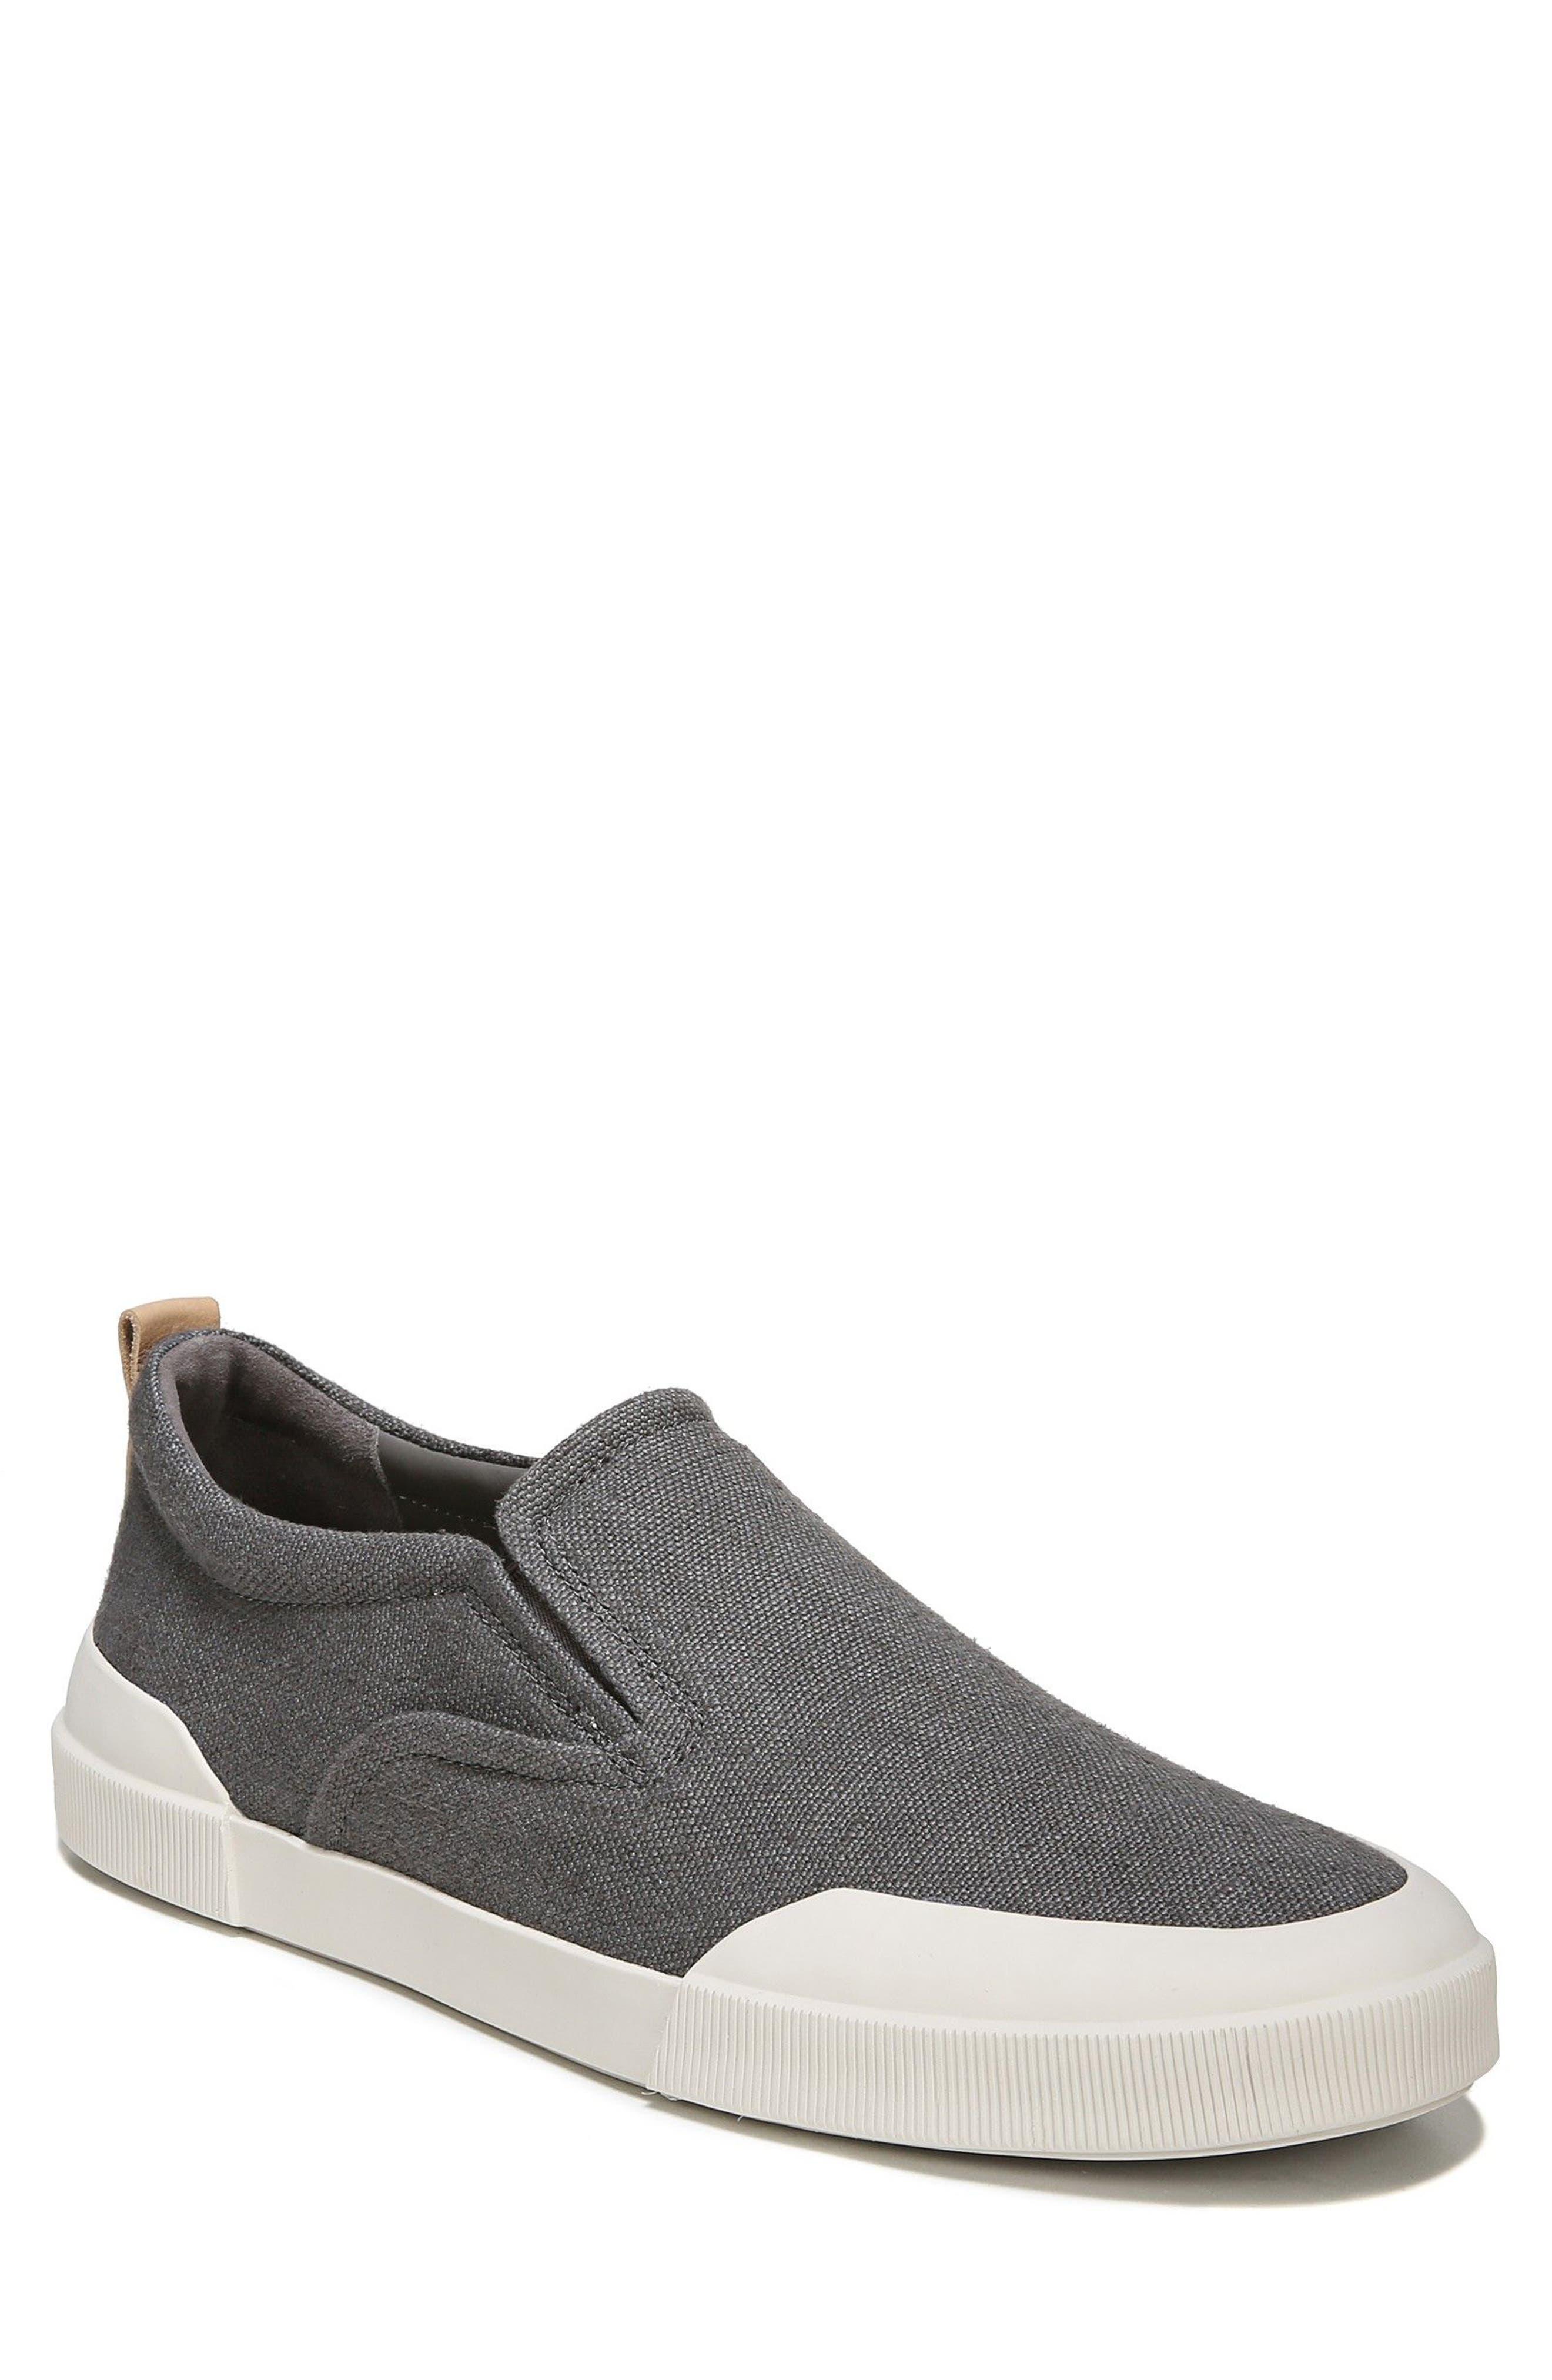 Vernon Slip-On Sneaker,                         Main,                         color, Graphite/ Cuoio